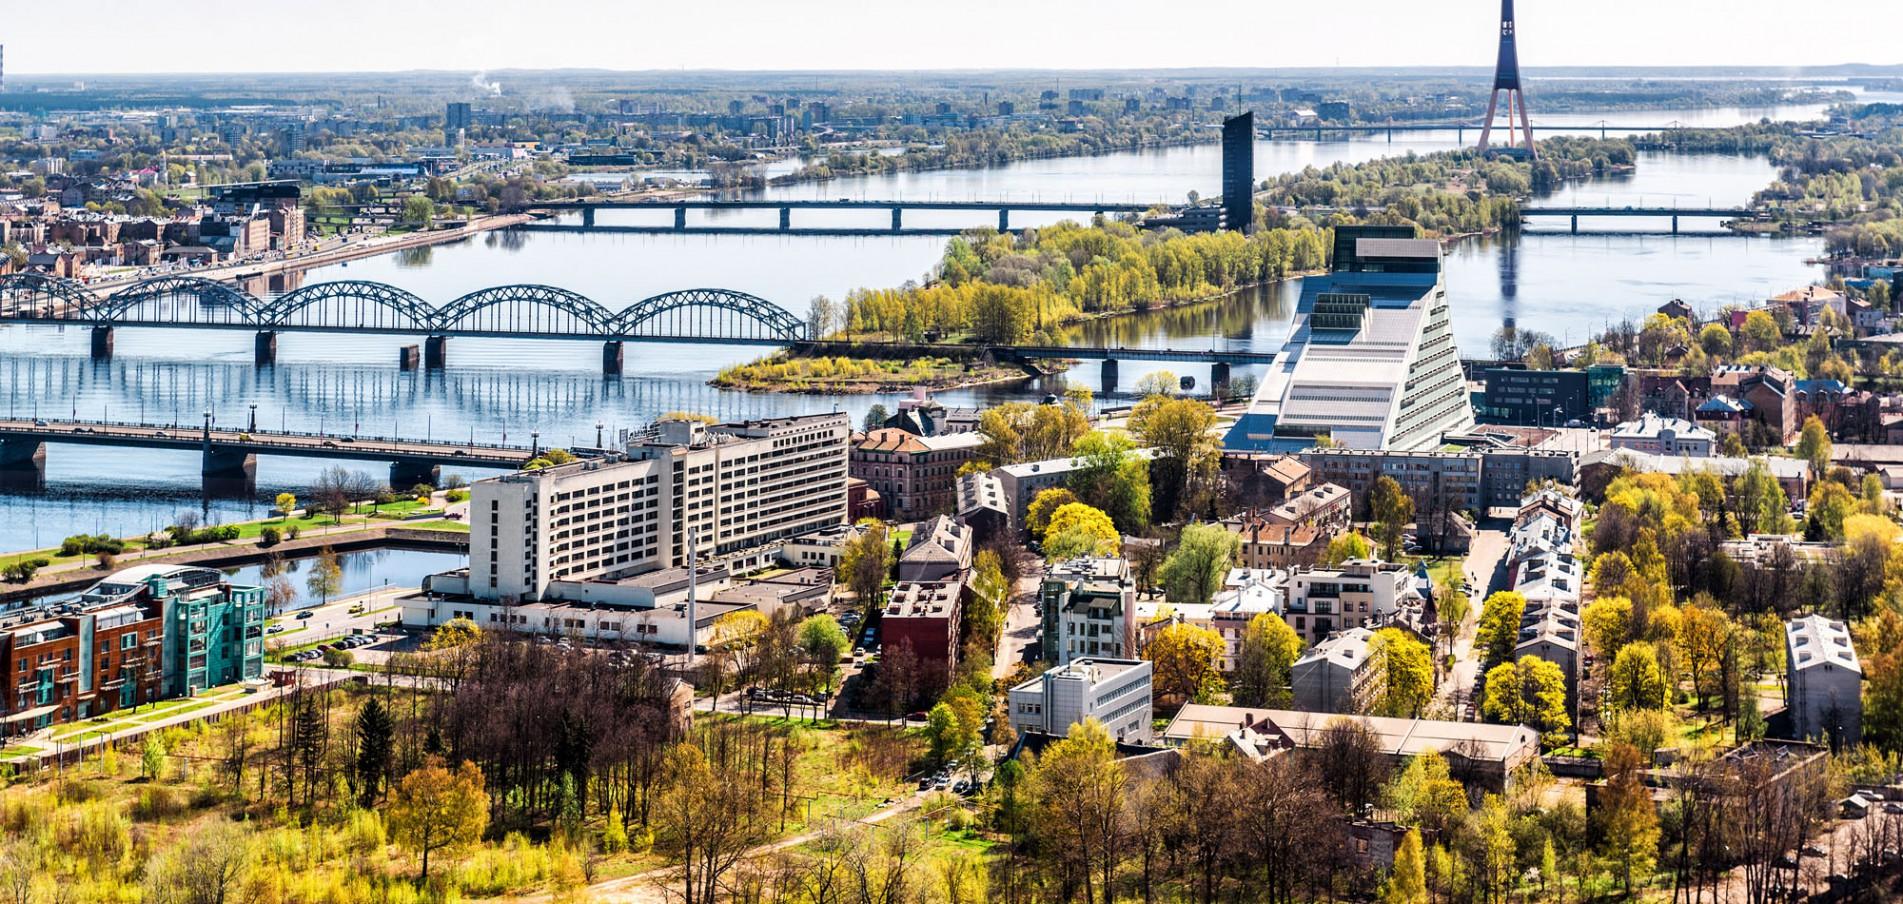 Willkommen in Riga  ... dem Paris des Nordens und Hochburg des Jugendstils!